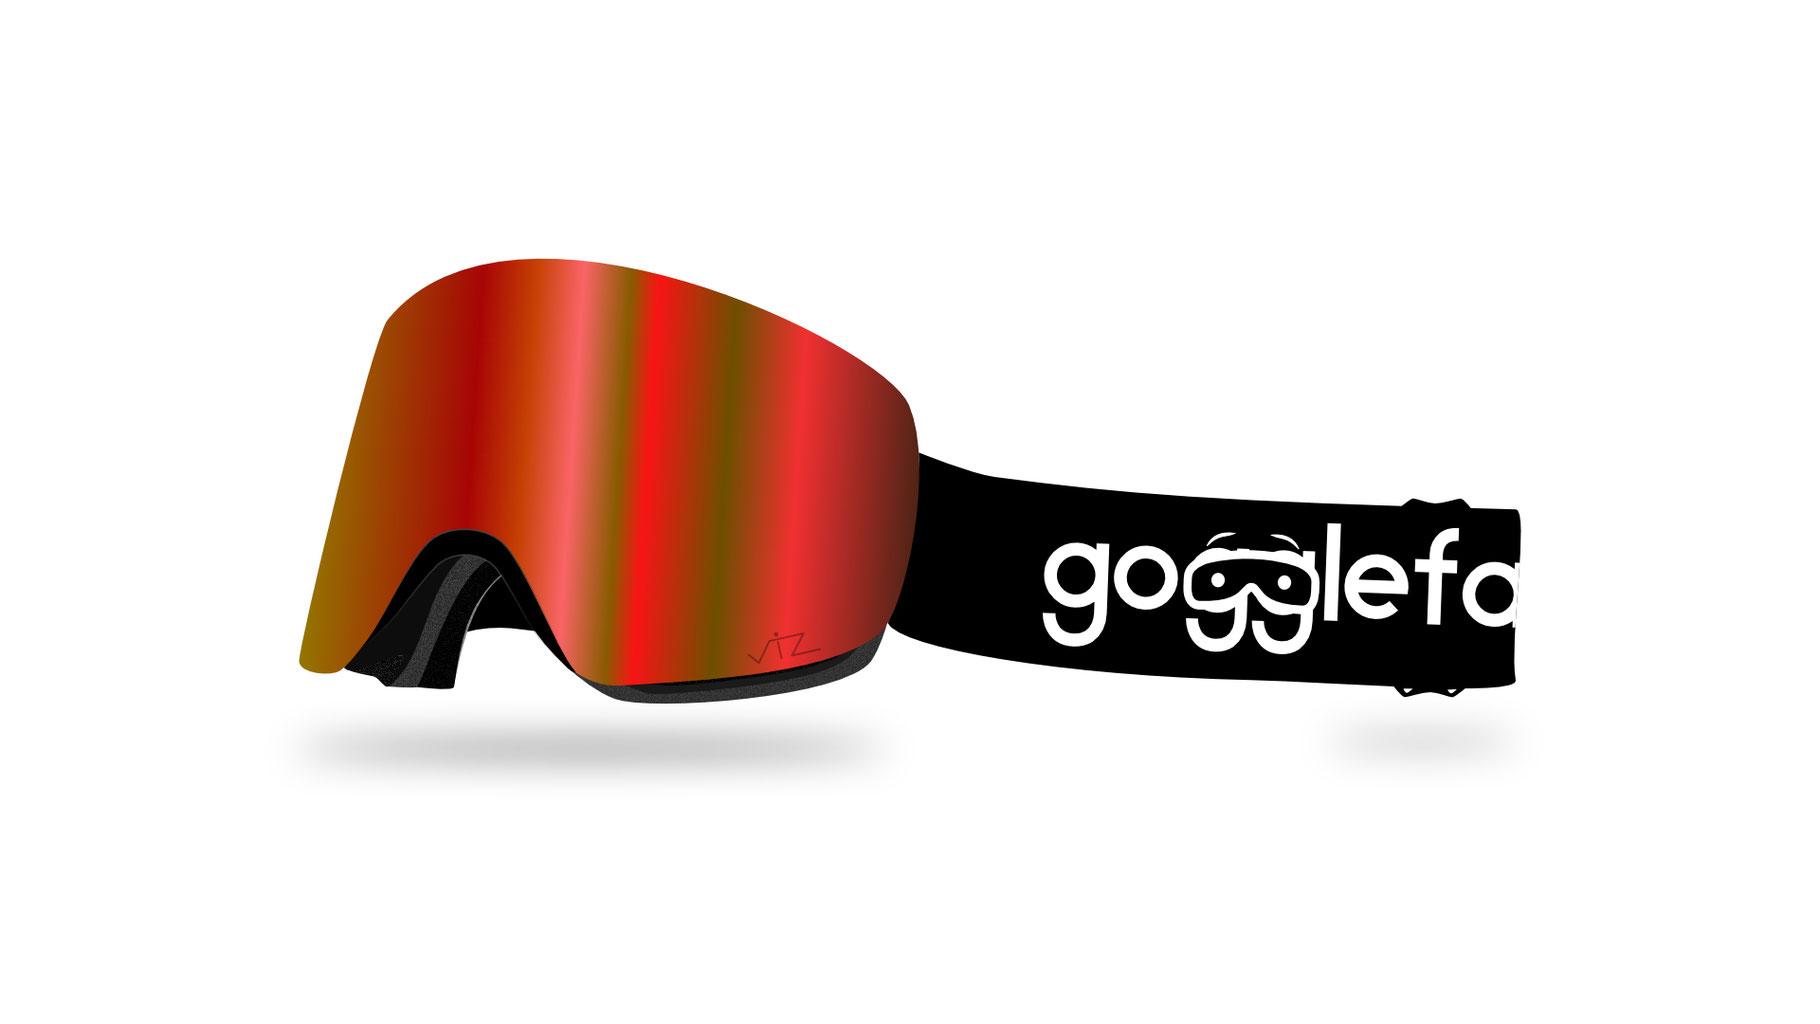 goggles de - Goggleface